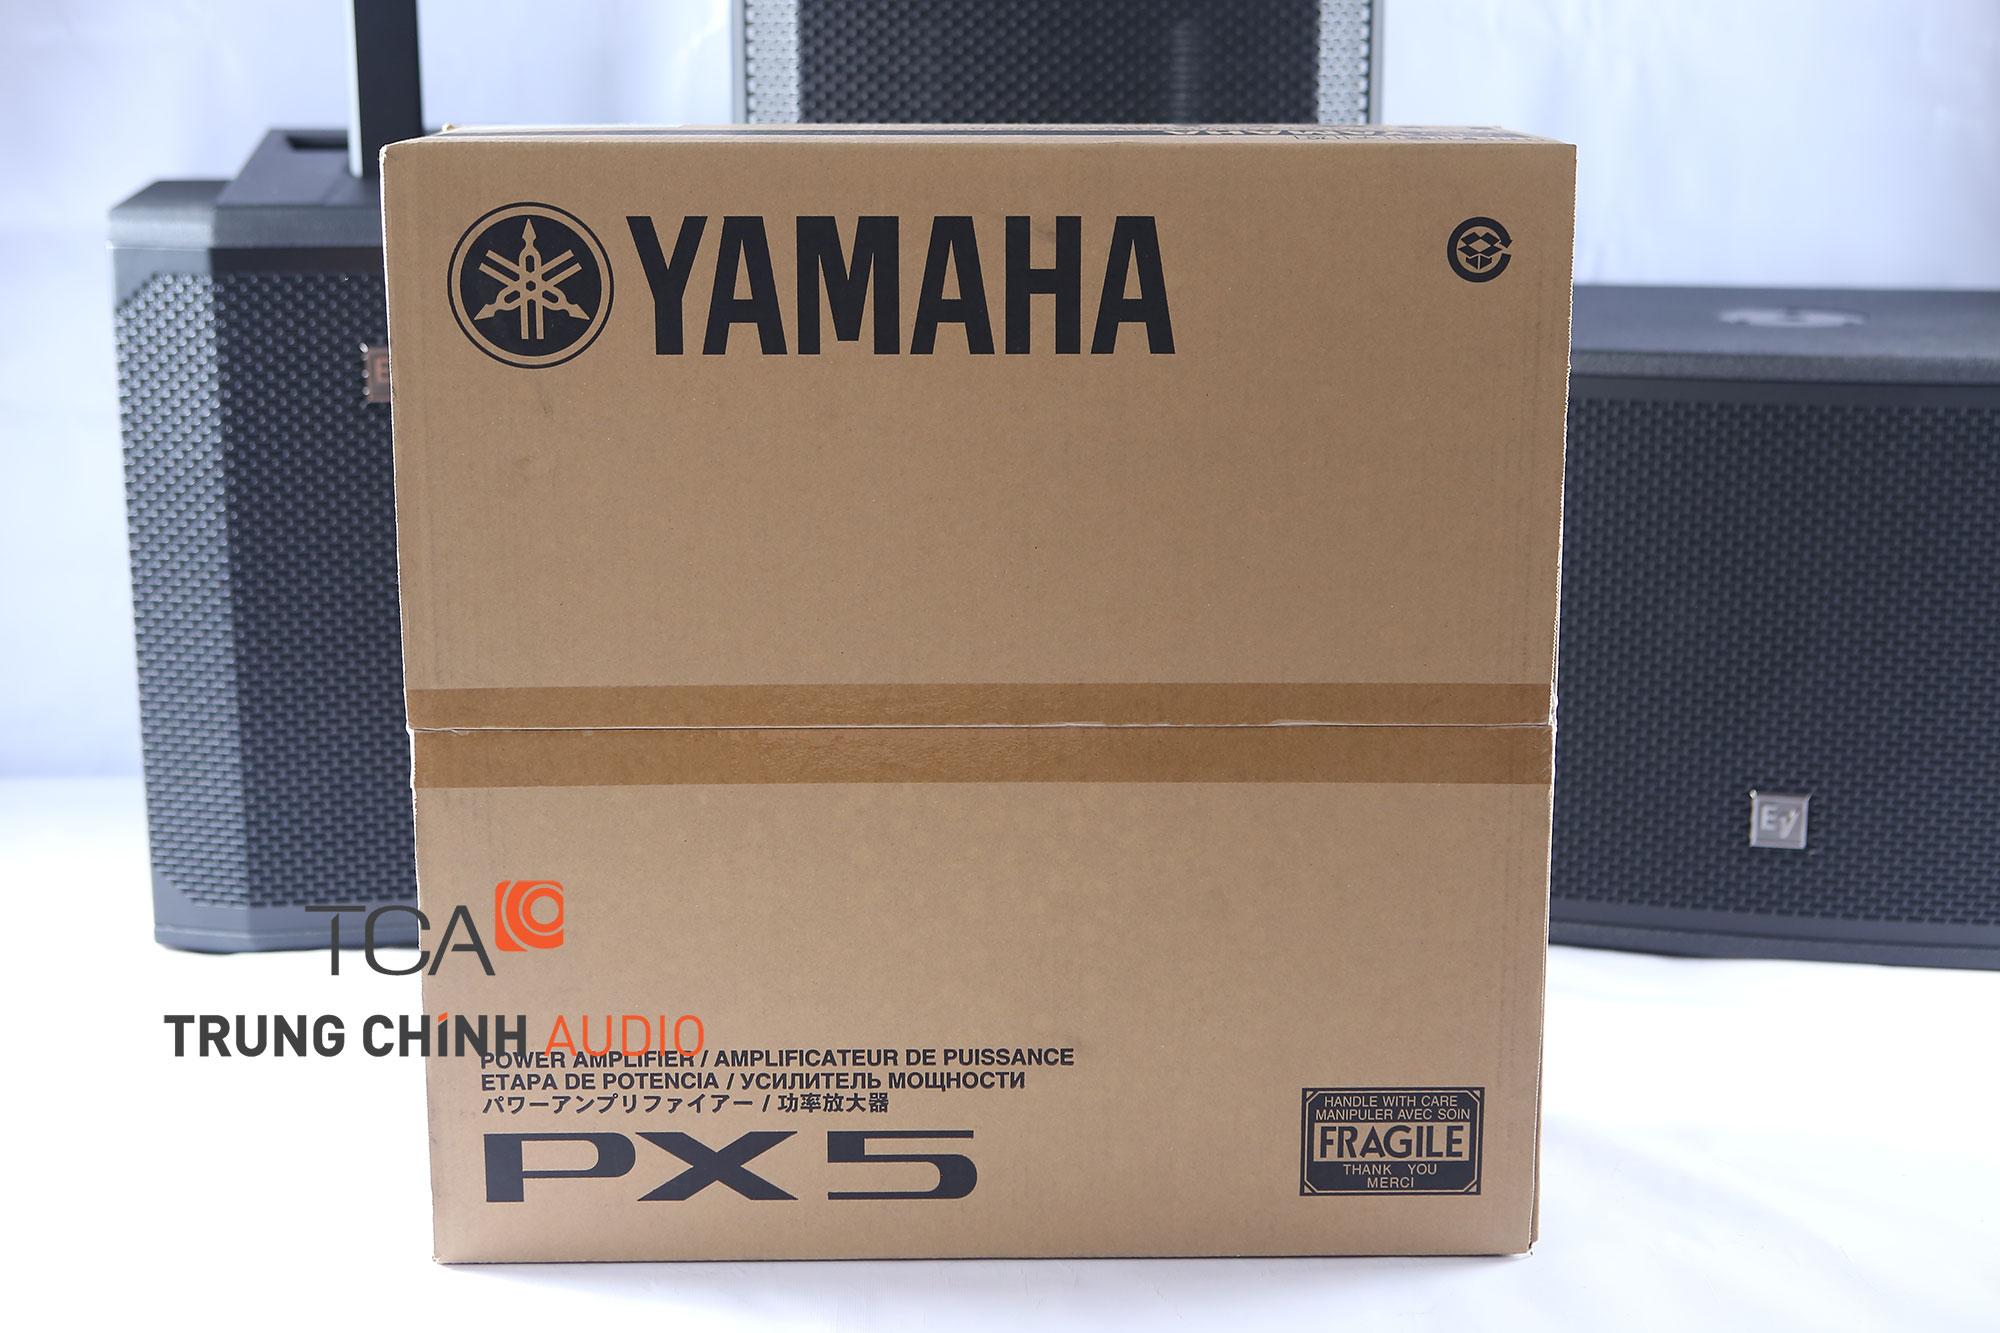 Cục đẩy công suất Yamaha PX5